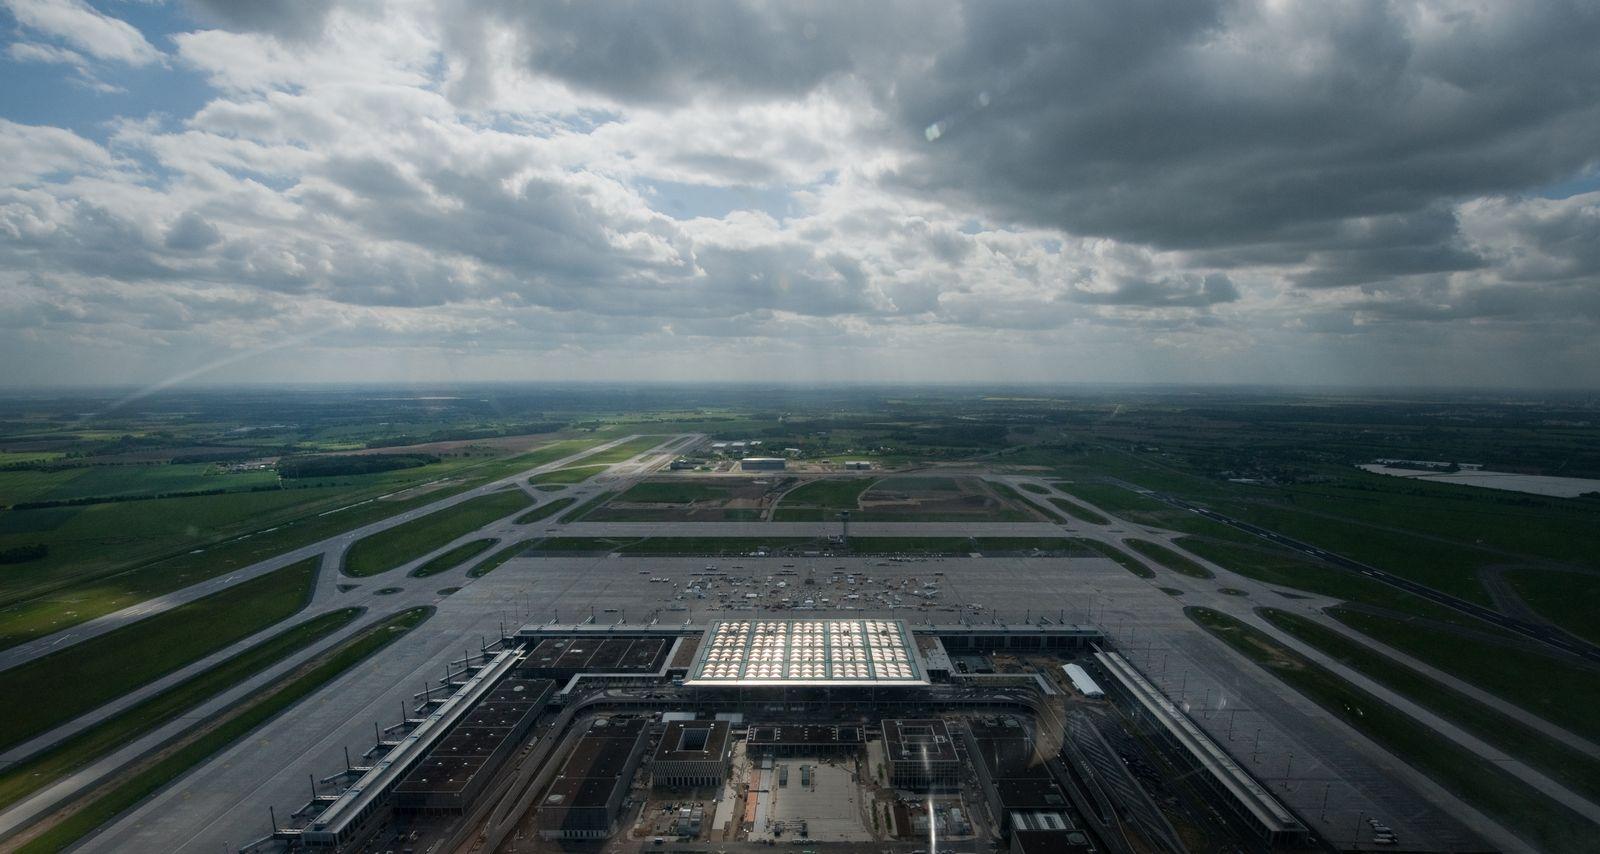 NICHT VERWENDEN Luftverkehr/Flughafen/BER